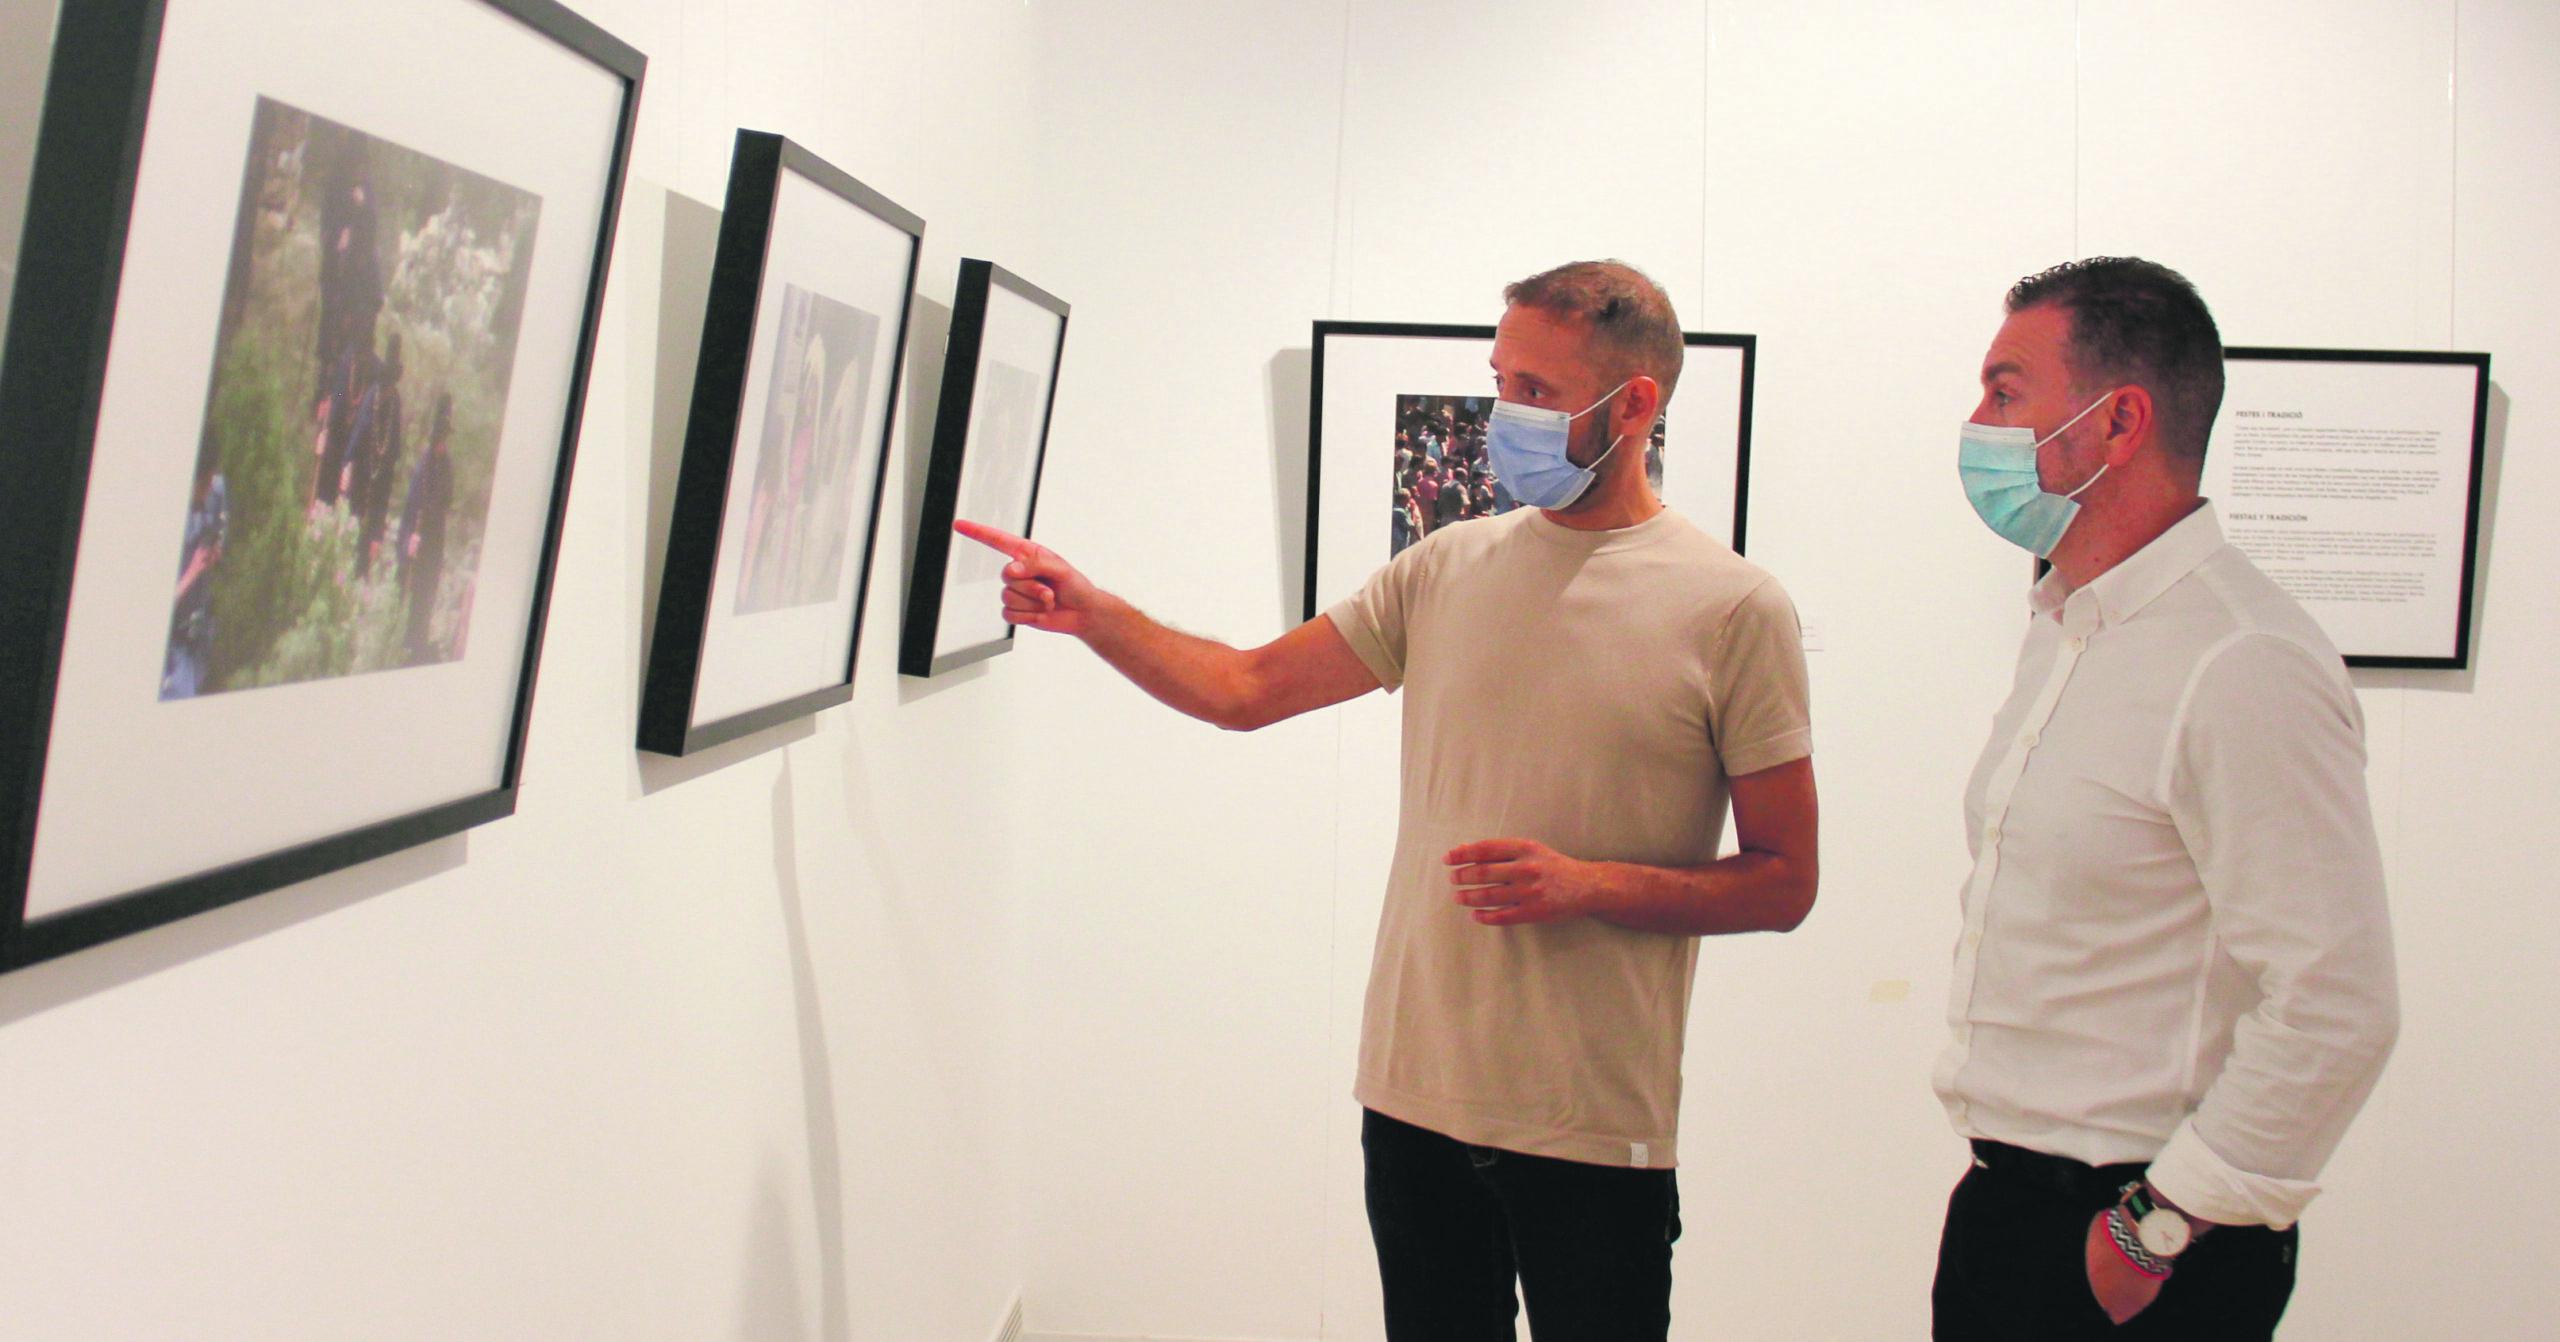 La societat valenciana dels anys 60 i 70 visita la Casa de la Cultura a través d'una exposició de Francesc Jarque El Periòdic d'Ontinyent - Noticies a Ontinyent